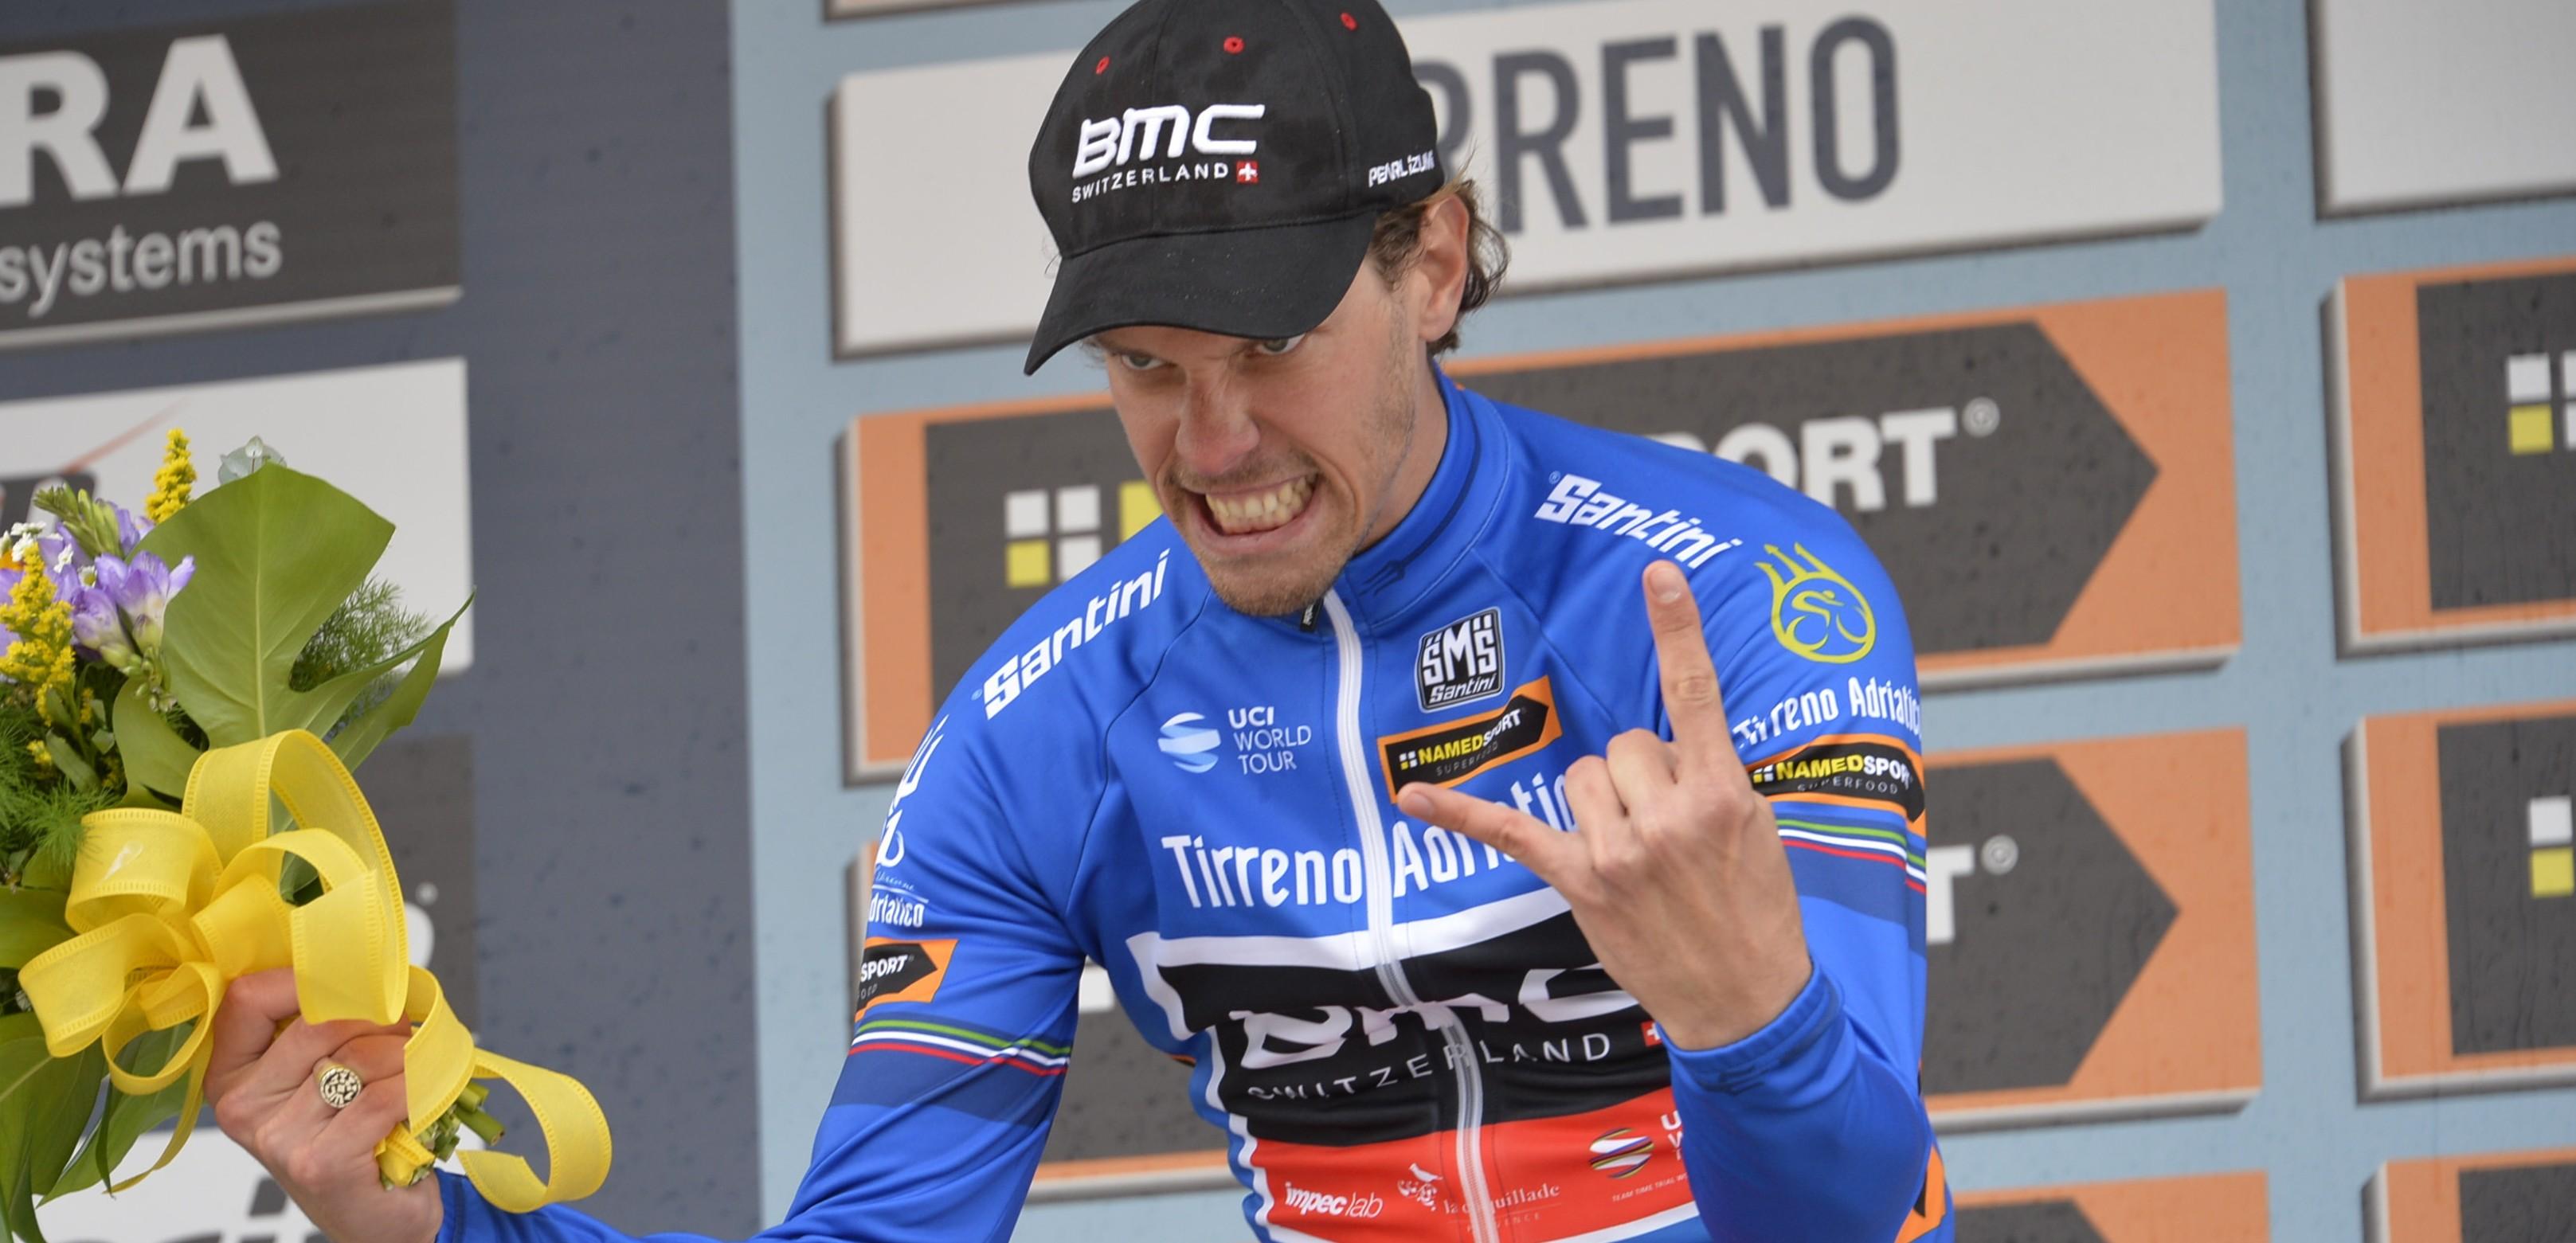 09-03-2016 Tirreno - Adriatico; Tappa 01 Lido Di Camaiore - Lido Di Camaiore; 2016, Bmc; Oss, Daniel; Lido Di Camaiore;